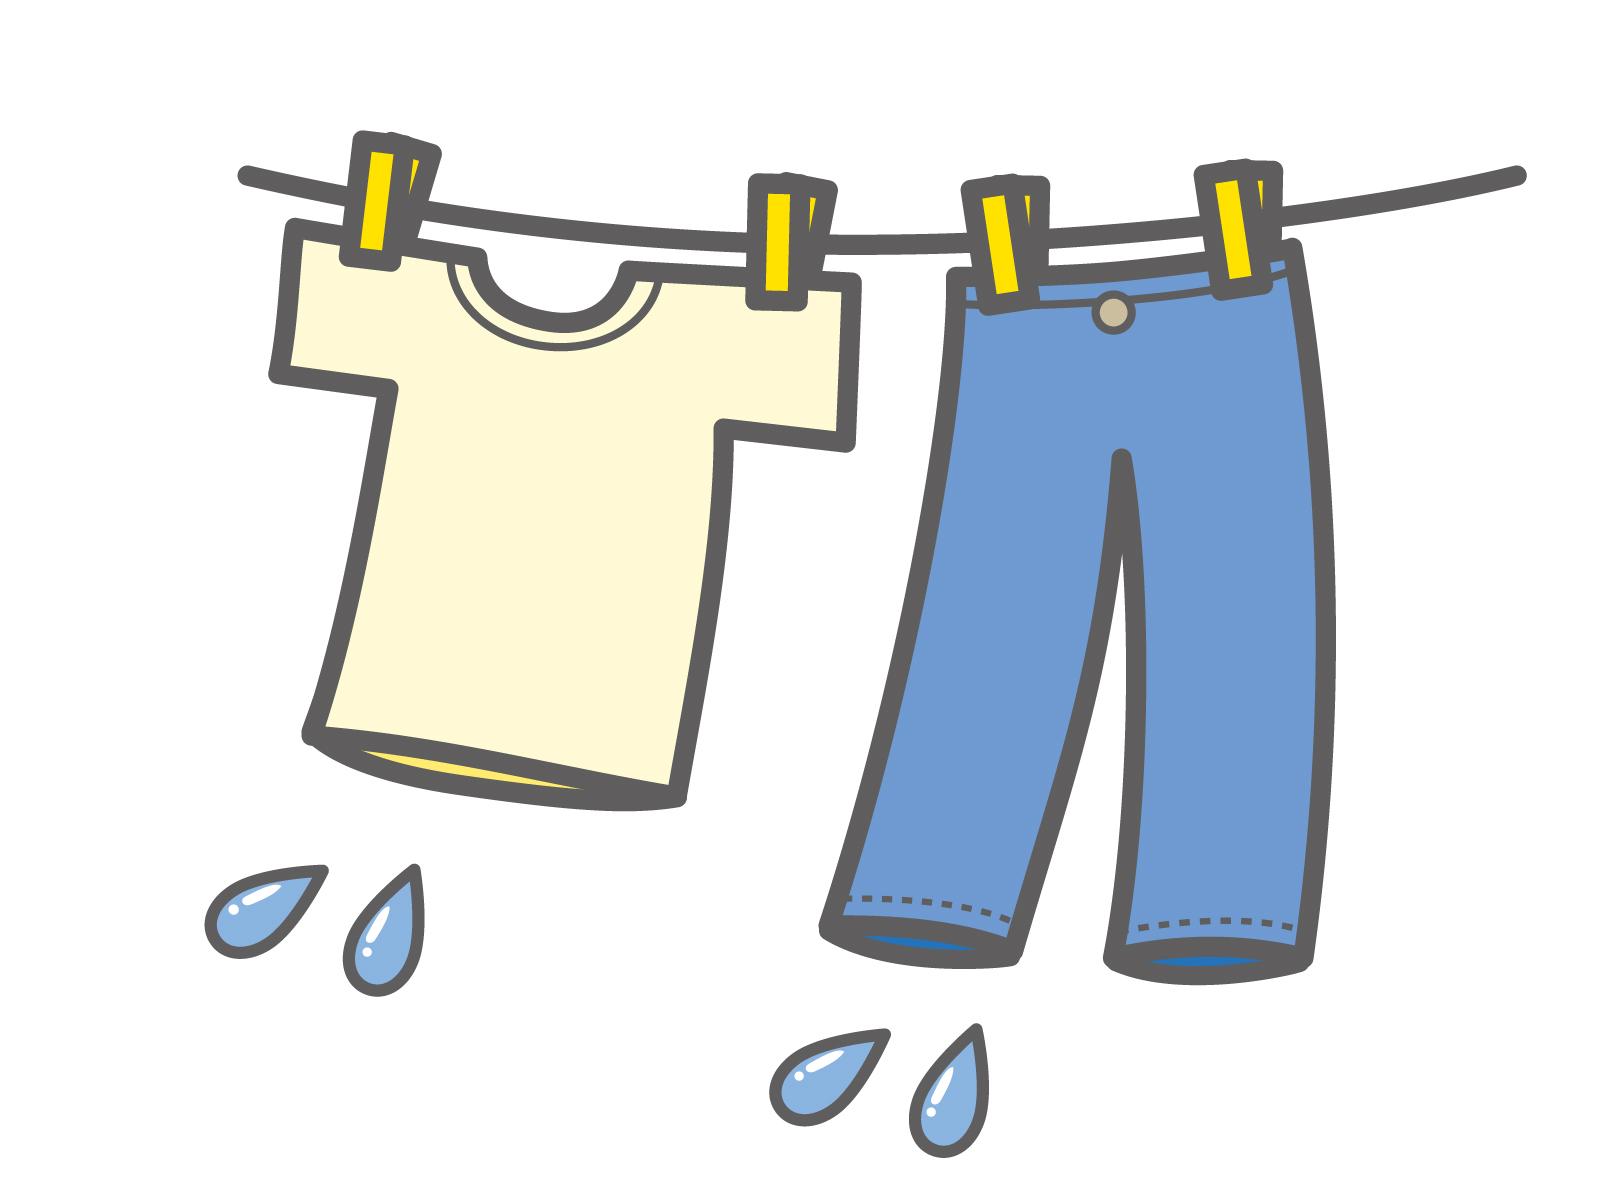 洗濯物を干すイメージ画像